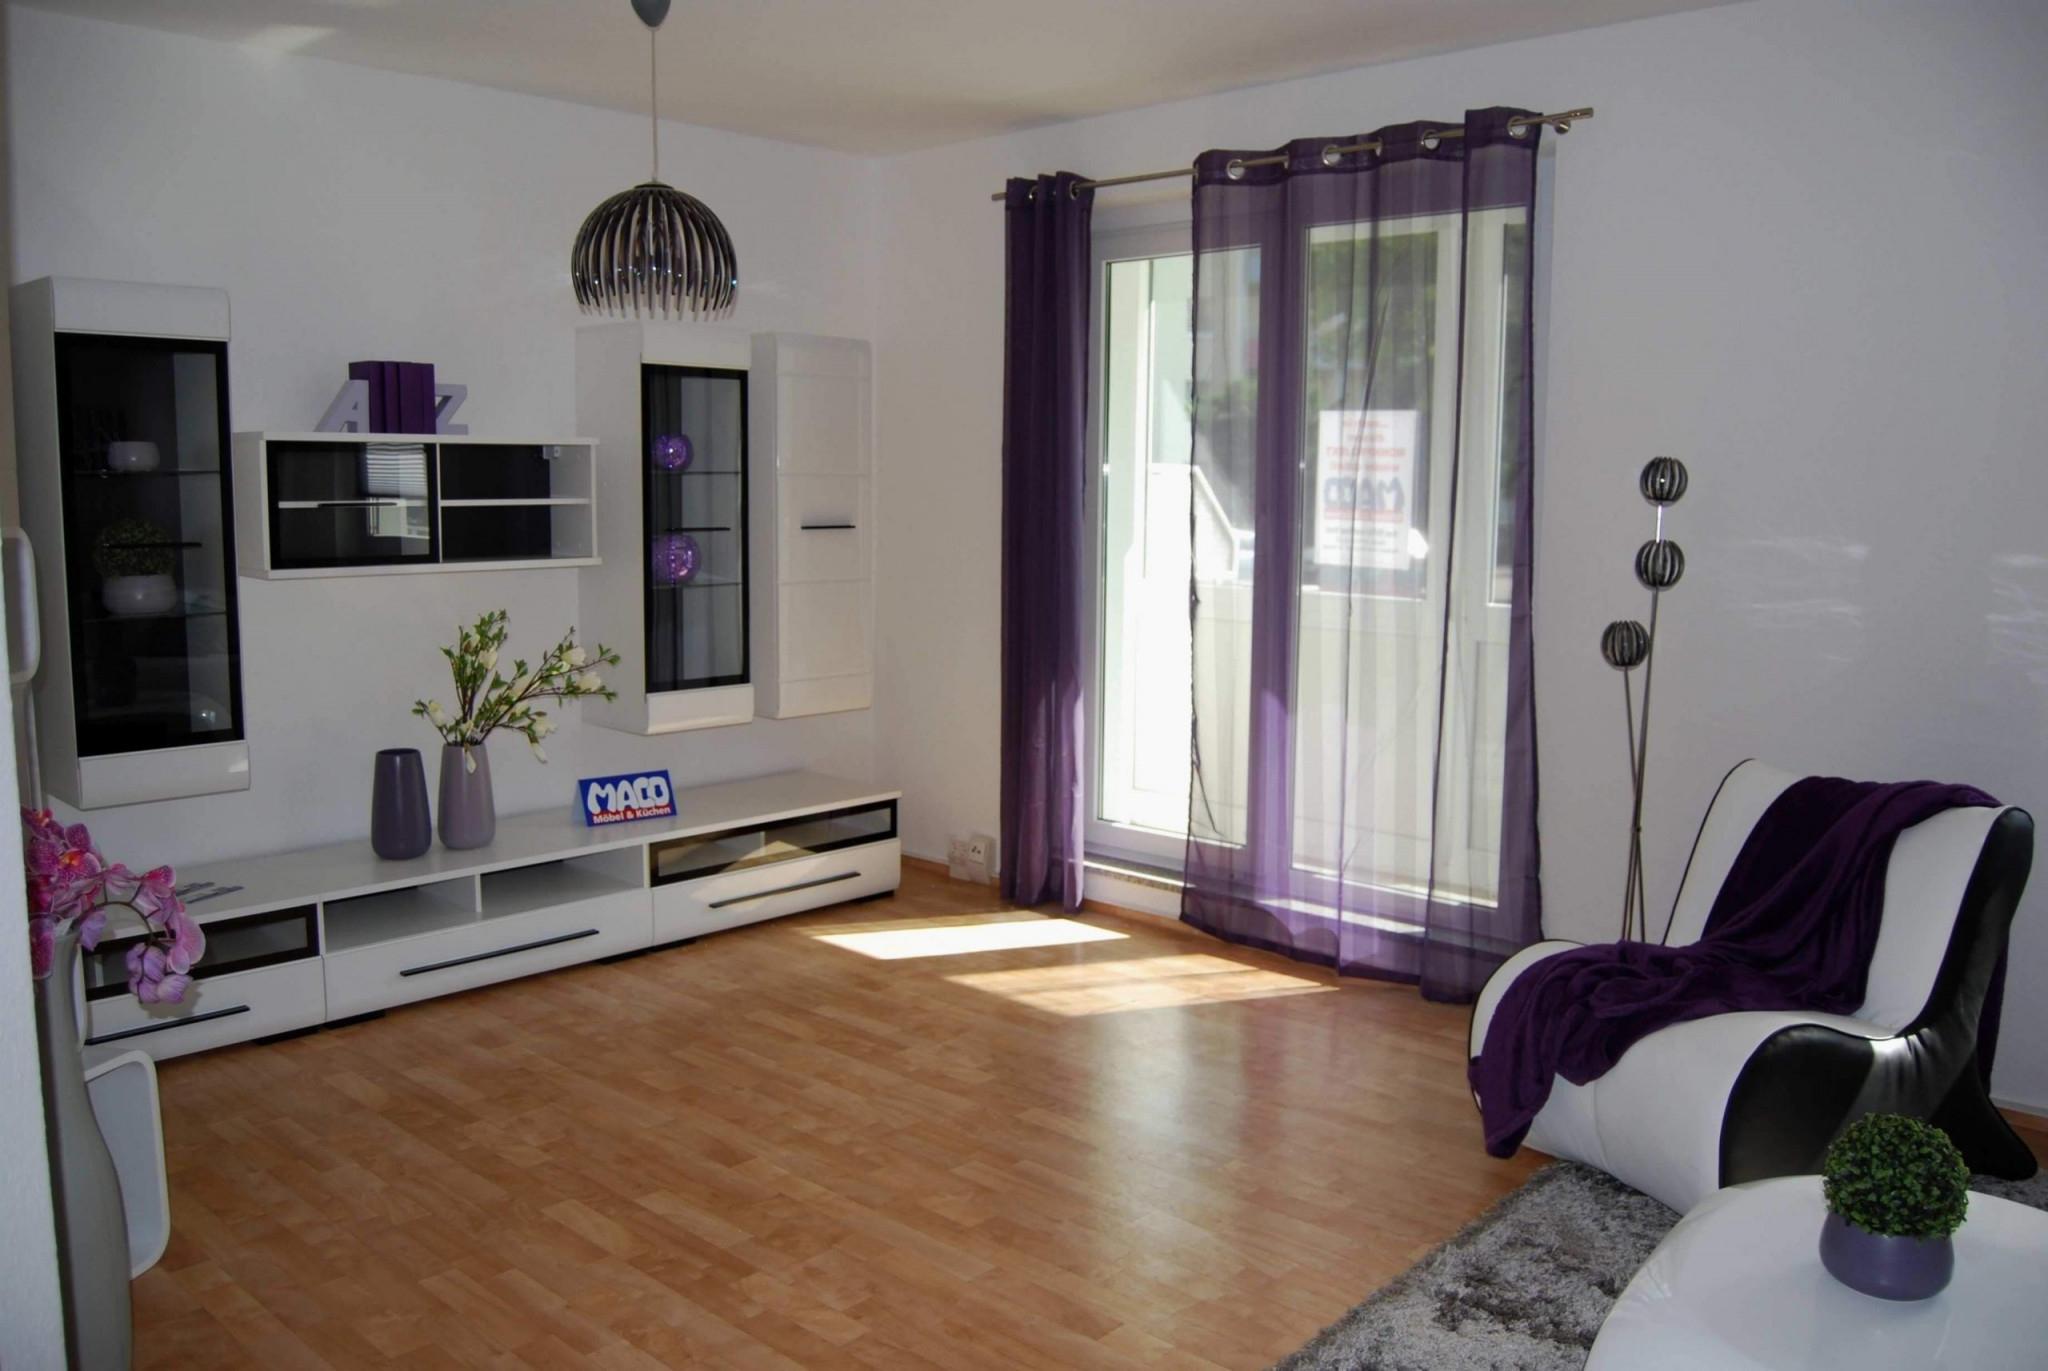 37 Schön Wohnzimmer Gemütlich Gestalten Frisch  Wohnzimmer von Wohnzimmer Einrichten Gemütlich Photo